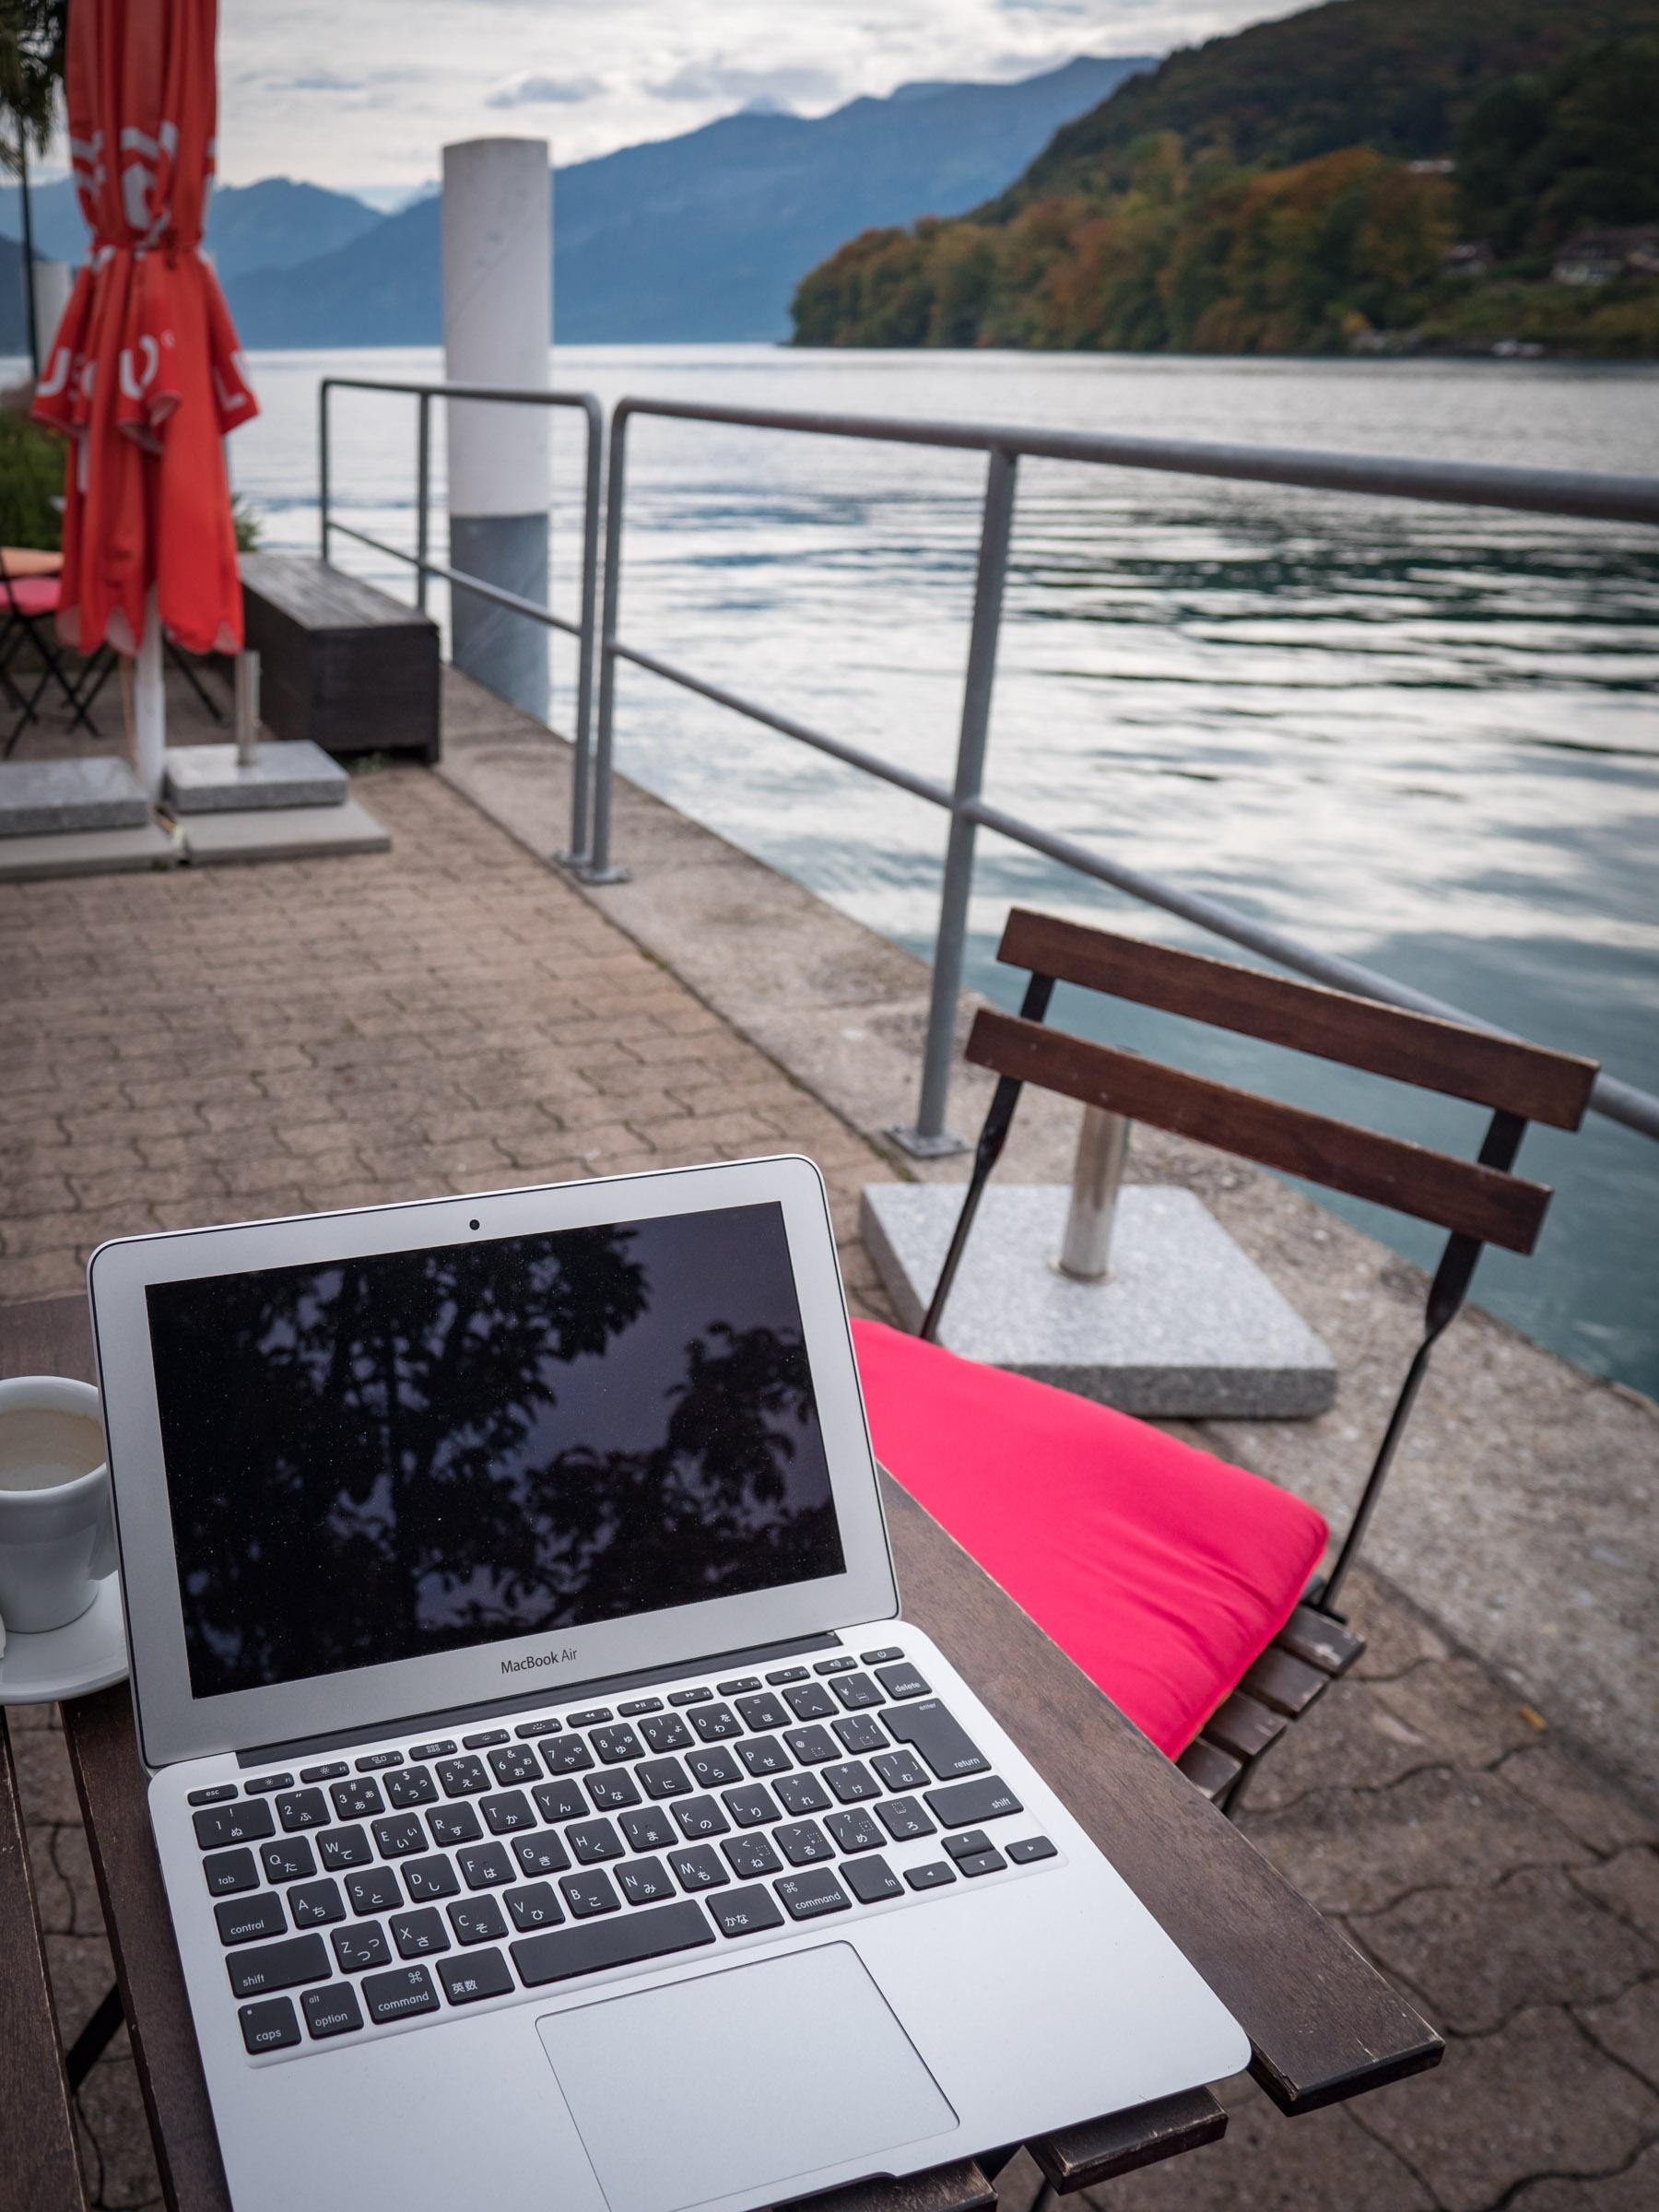 乗船場そばのカフェでノーパソ広げてひと休み DMC-GX8 + LEICA DG 12-60mm